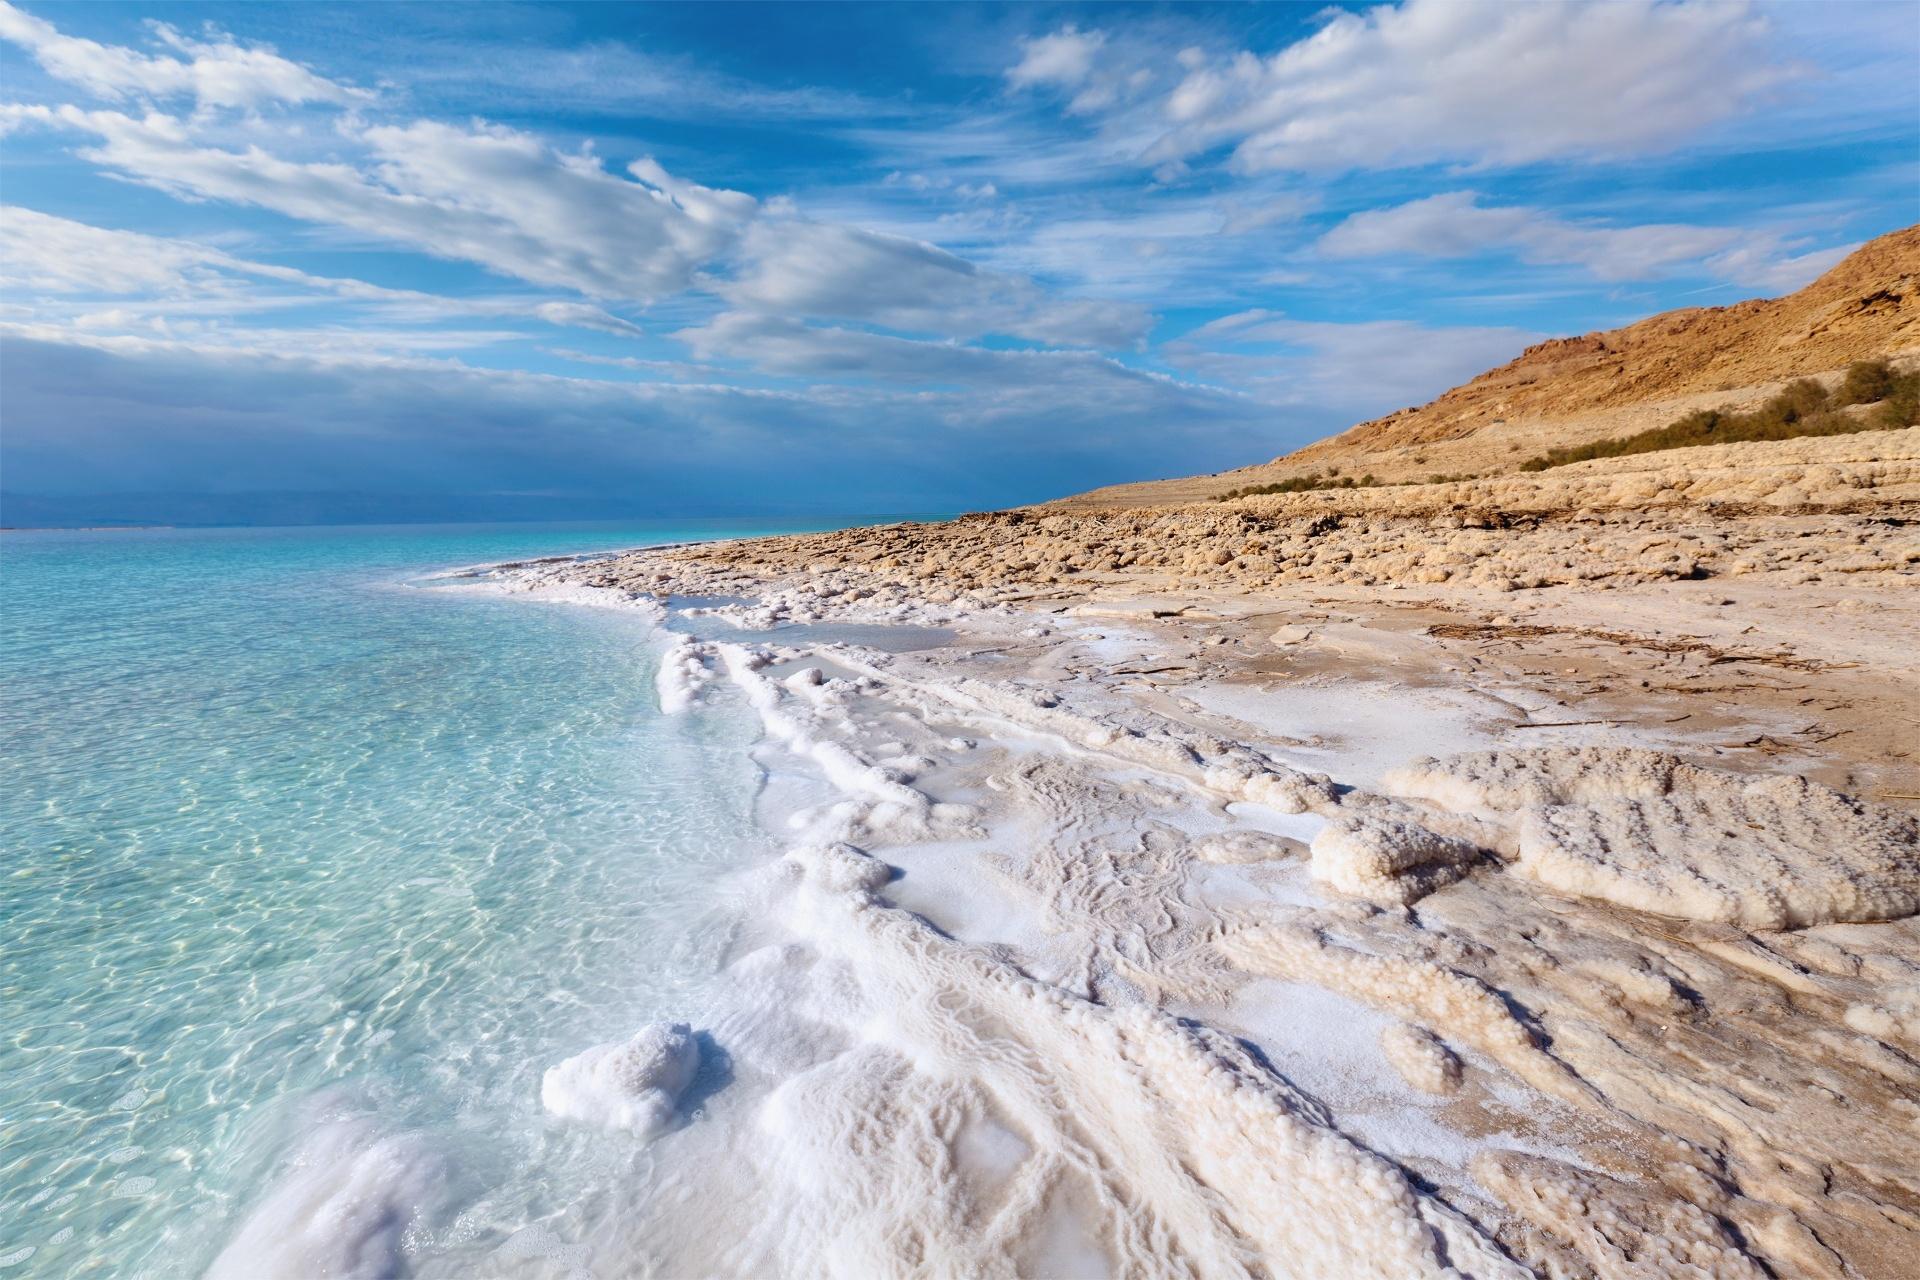 青空と雲と死海の風景 イスラエルの風景